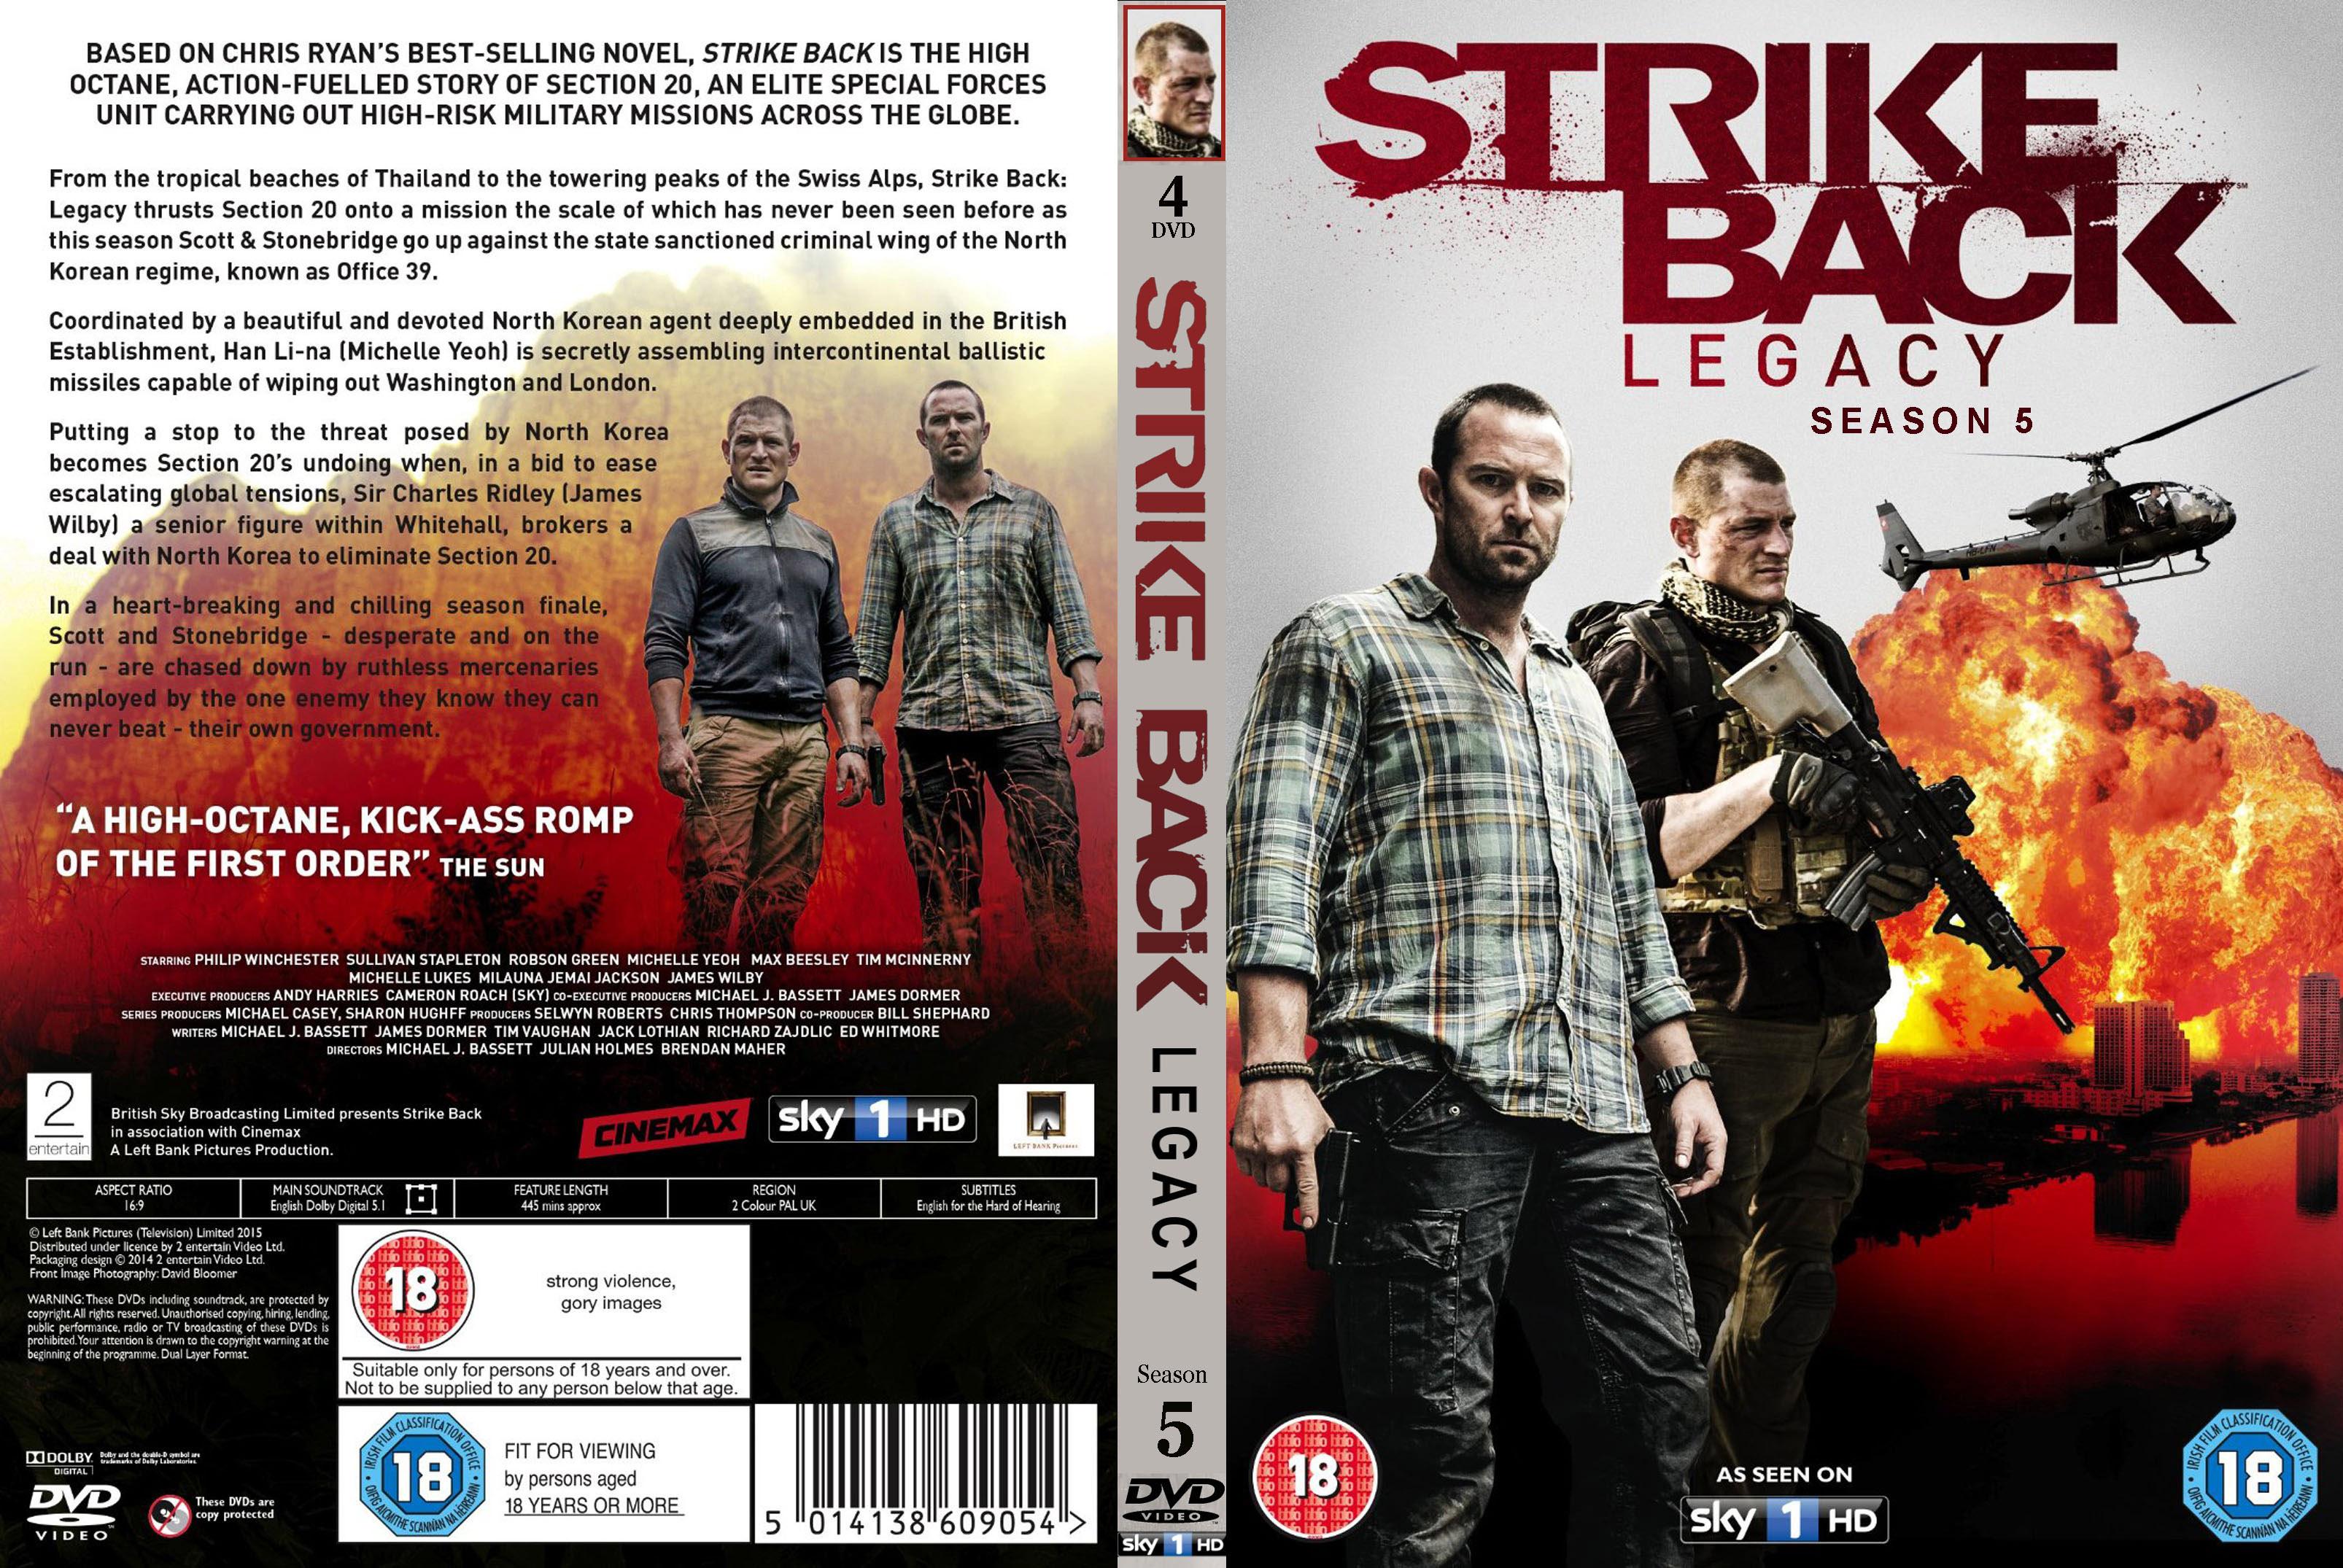 کاور فصل 5 سریال Strike Back